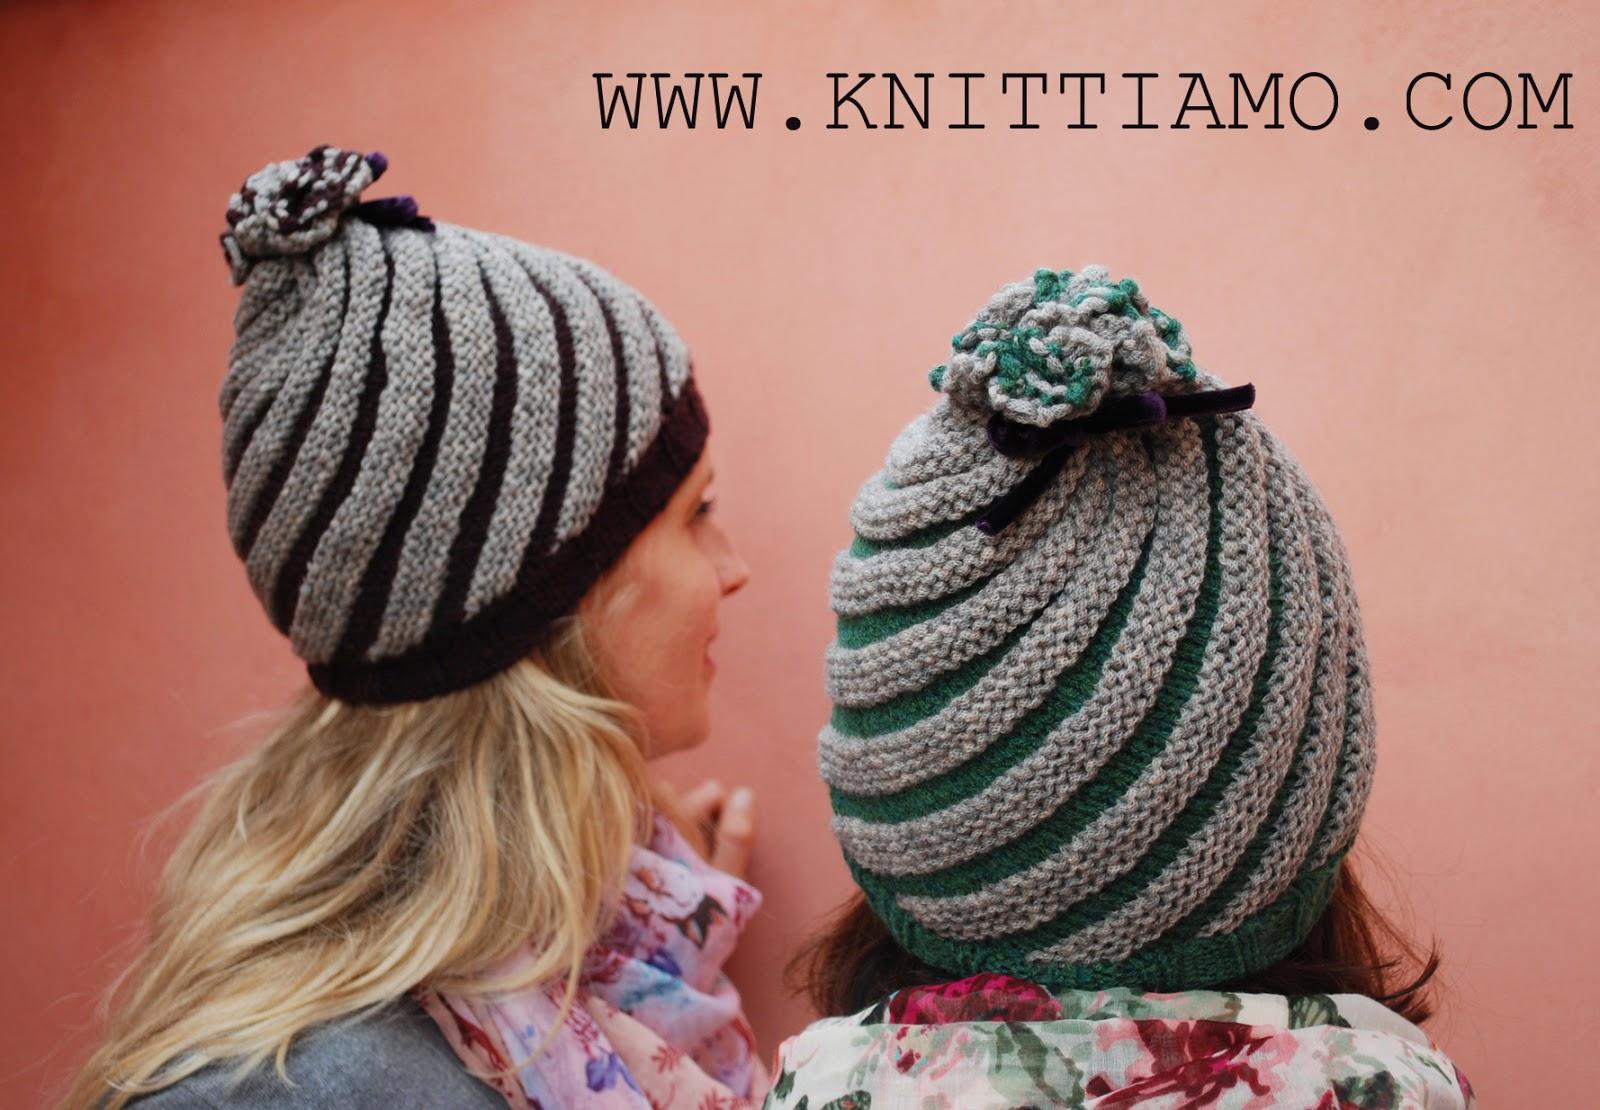 Favoloso Knittiamo con Martina e Roberta: Cappello a spirale ai ferri EM91